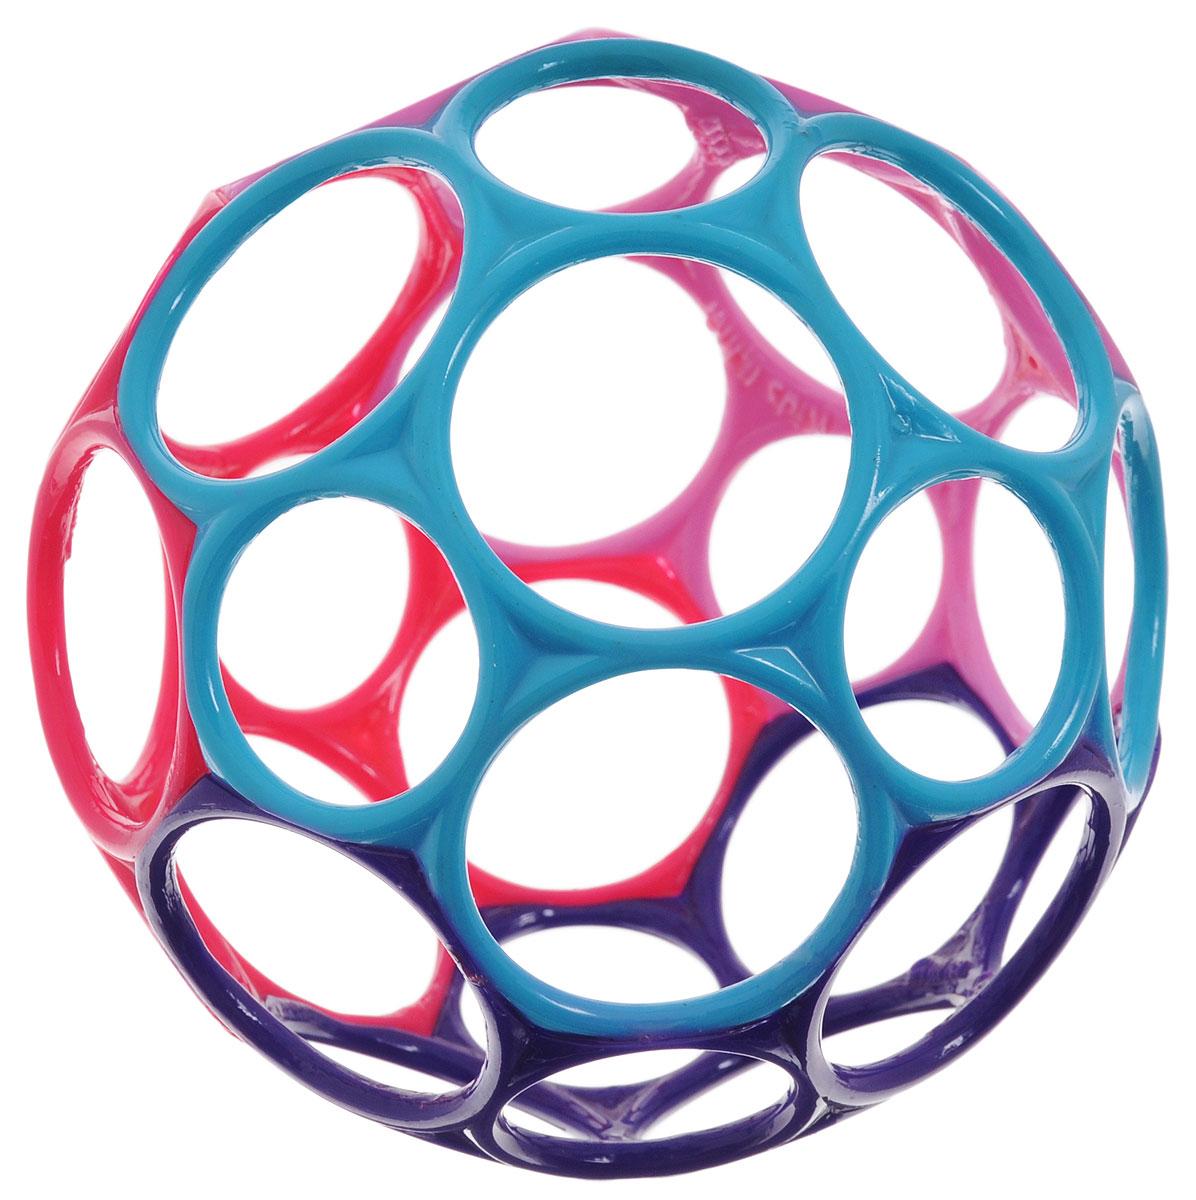 Oball Развивающая игрушка Мячик цвет фиолетовый голубой розовый